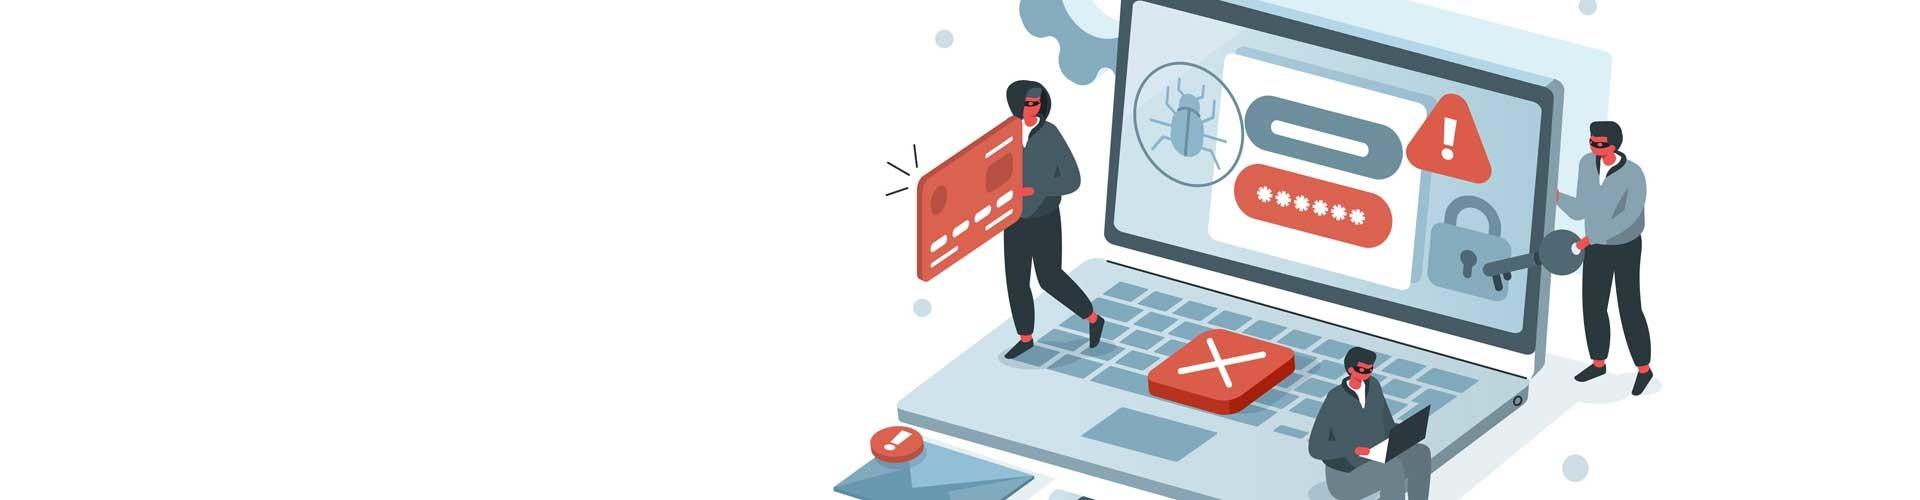 Computergrafik zur digitalen Sicherheit © Irina Strelnikova, Adobe Stock